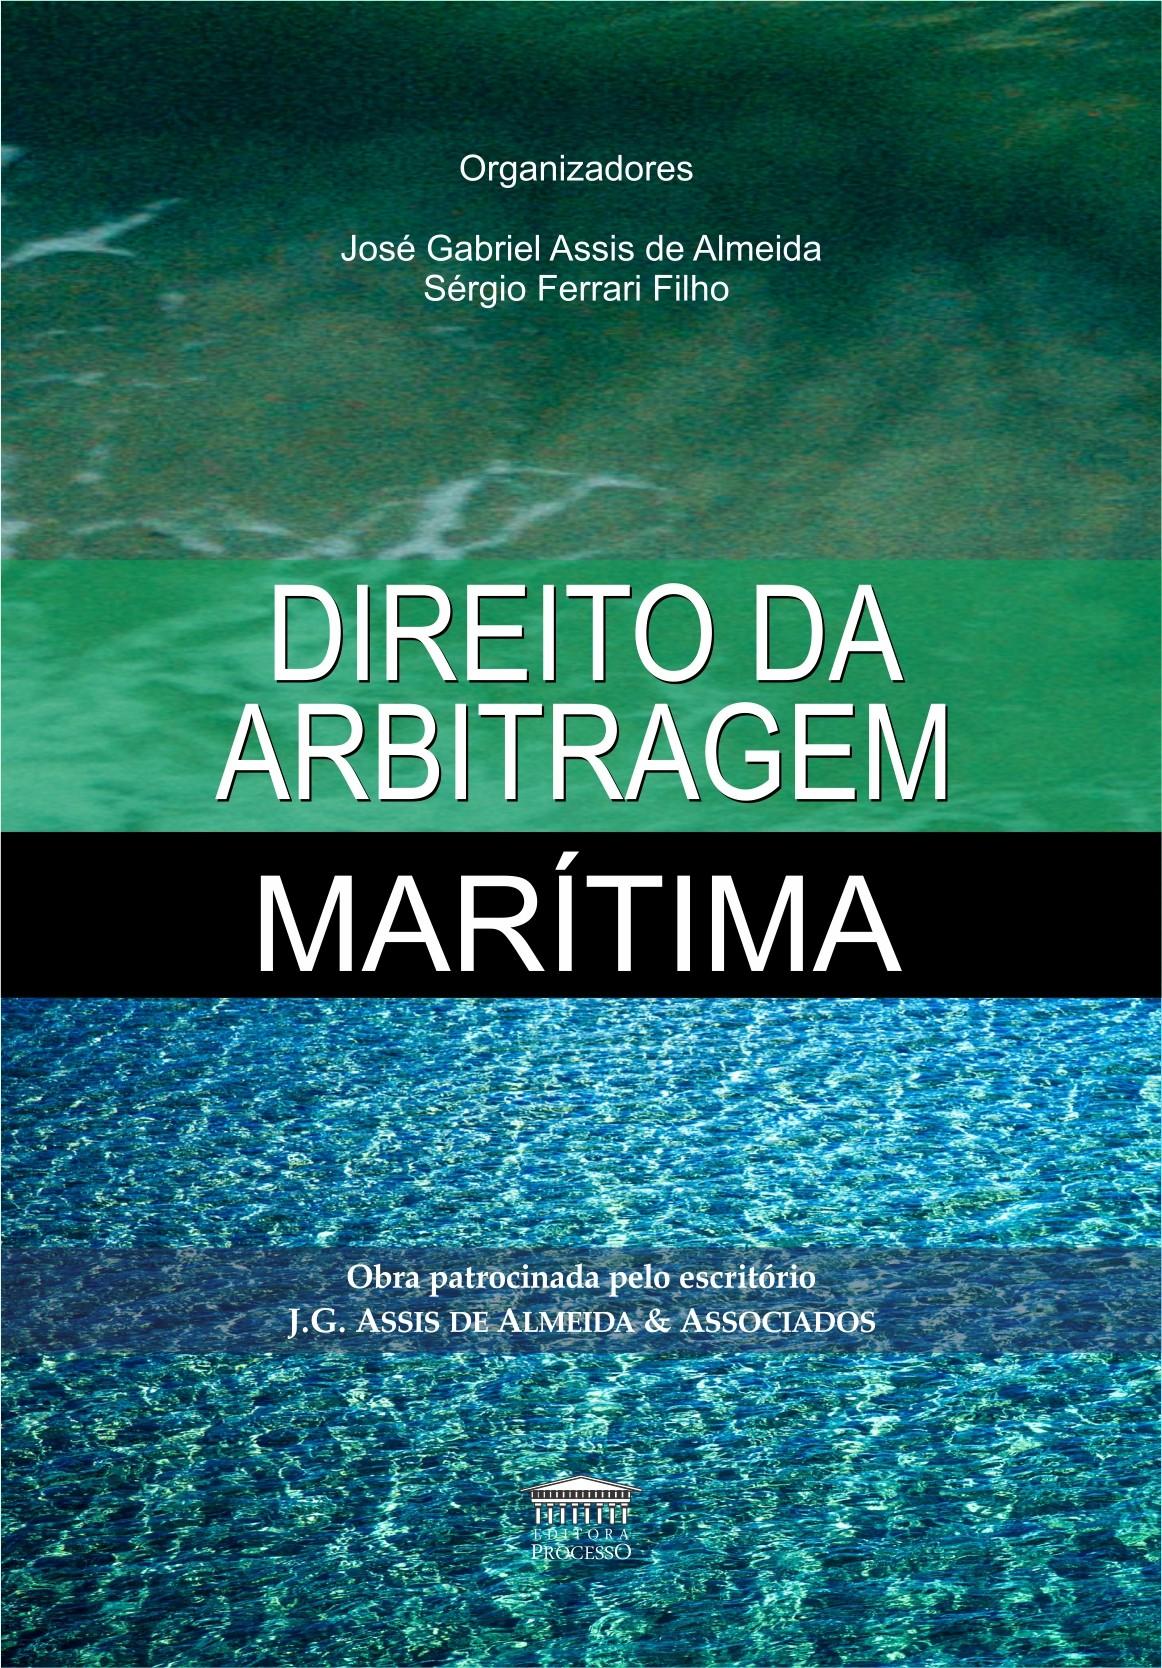 Foto 1 - Direito da Arbitragem Marítima